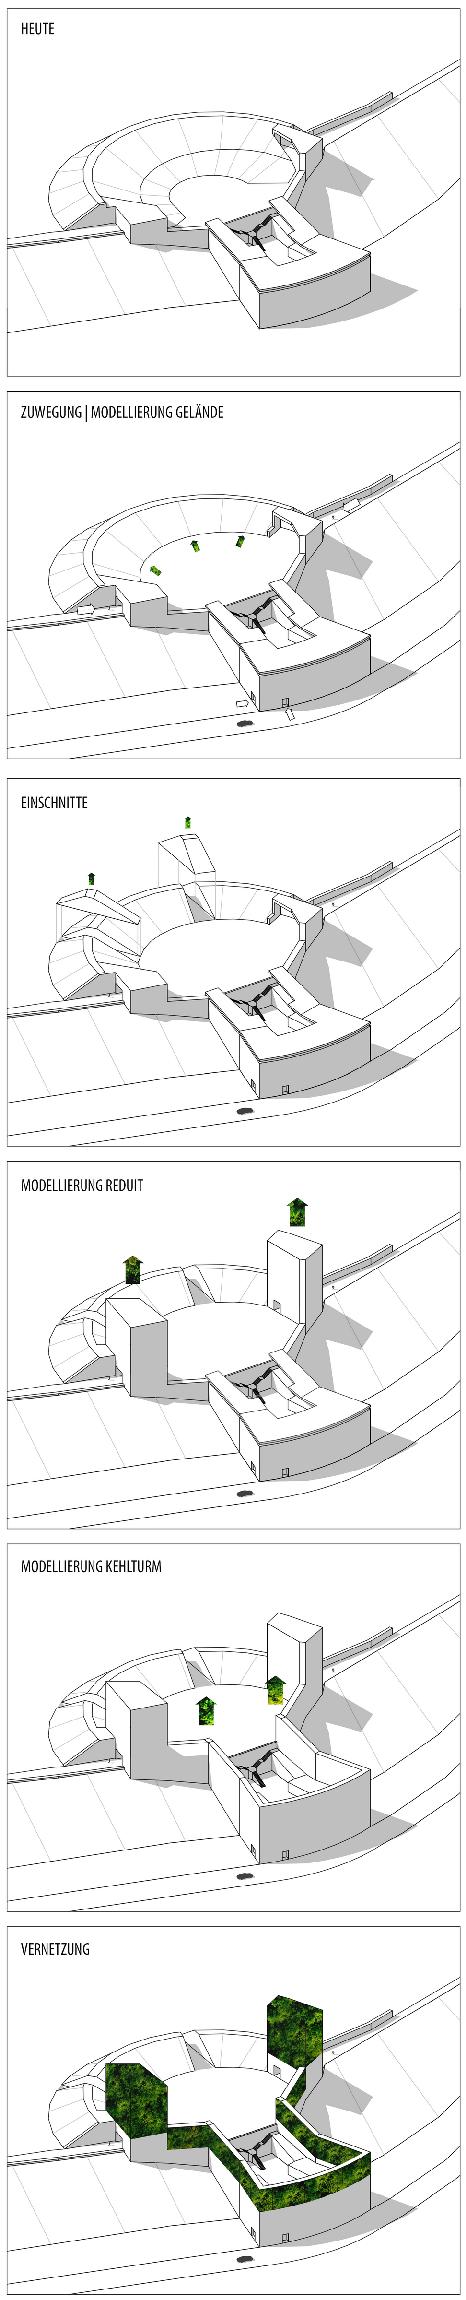 Разработка проекта. Проект «Крепость Кобленц – Новые возможности свободных пространств». © Автор: Элизабет Пабст